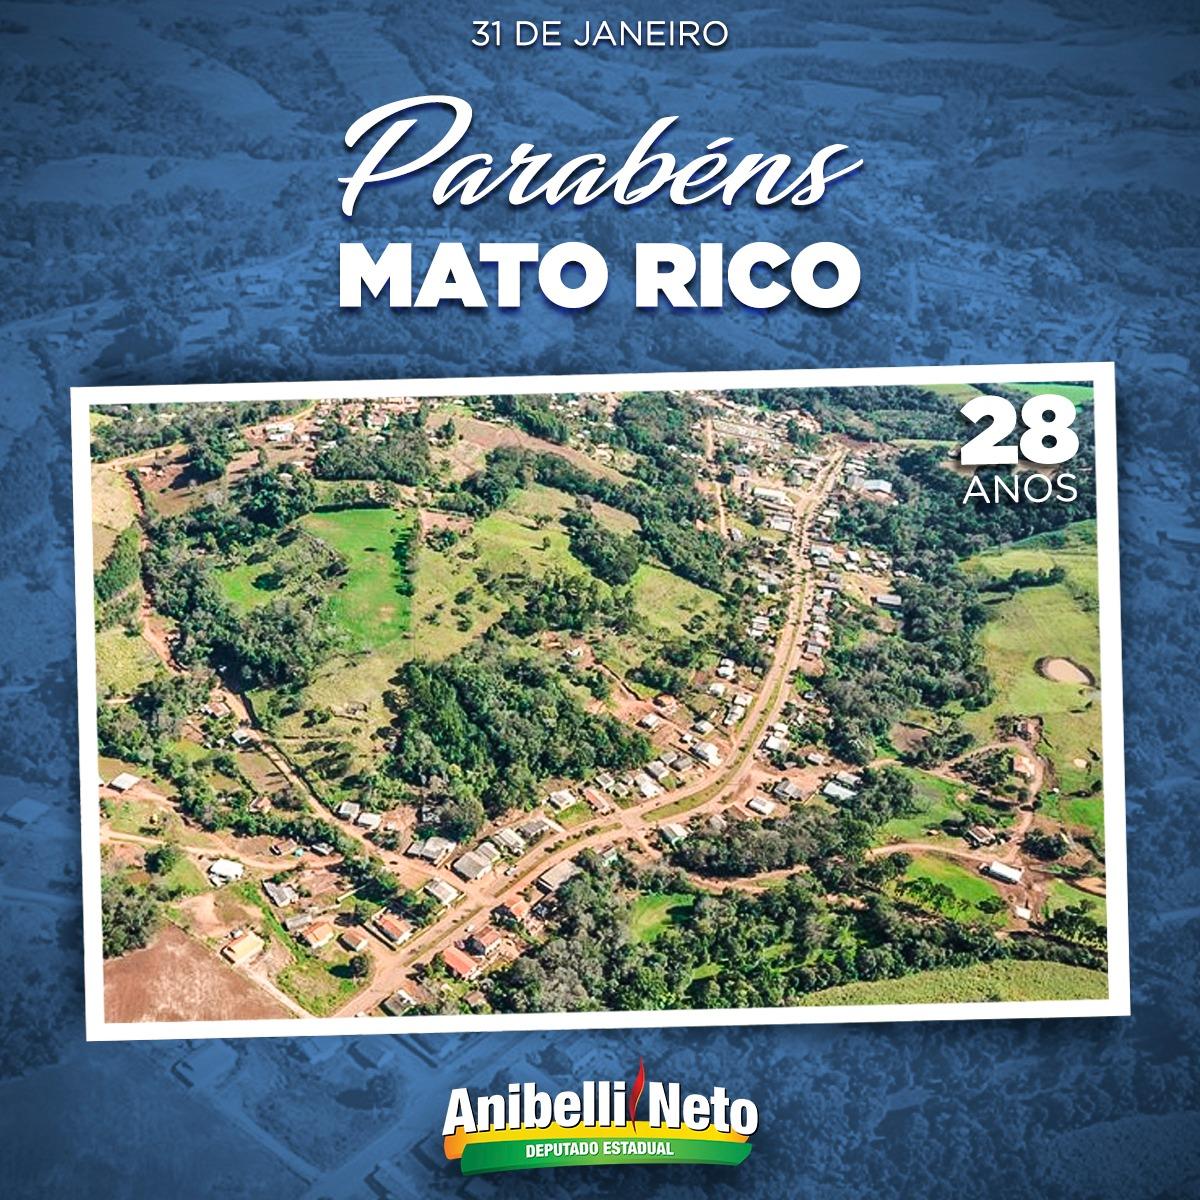 Parabéns a População de Mato Rico